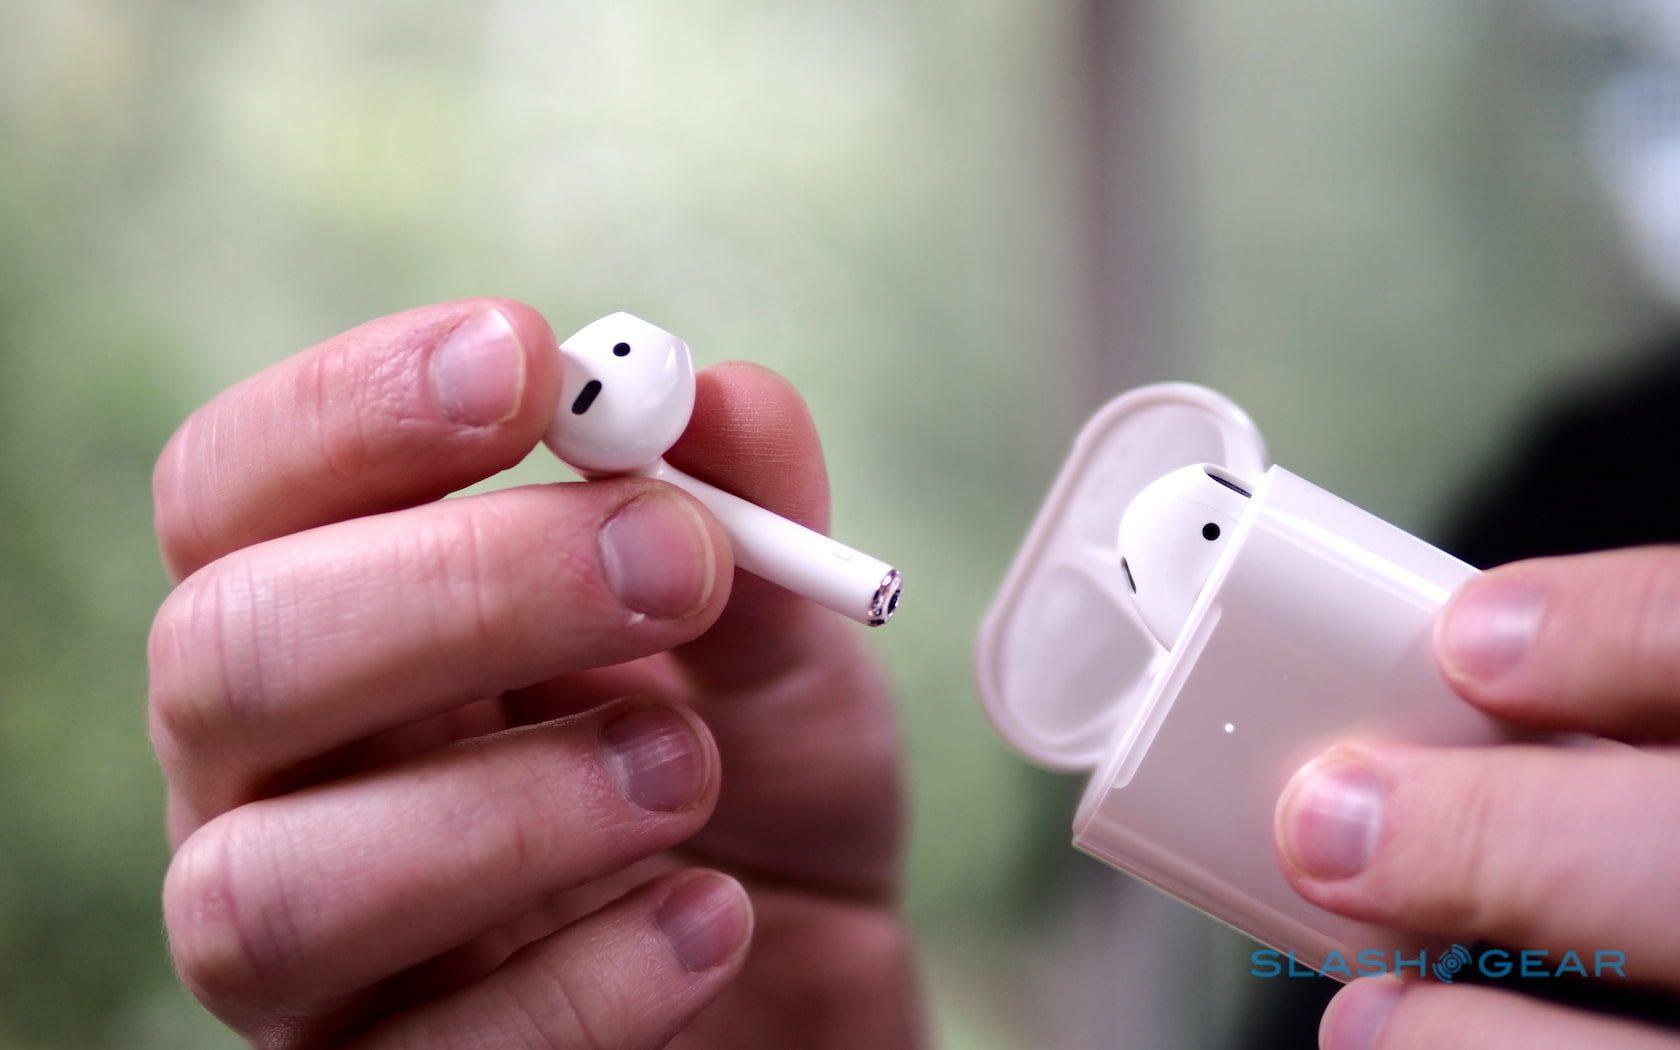 Revisão do Apple AirPods 2: o som da conveniência